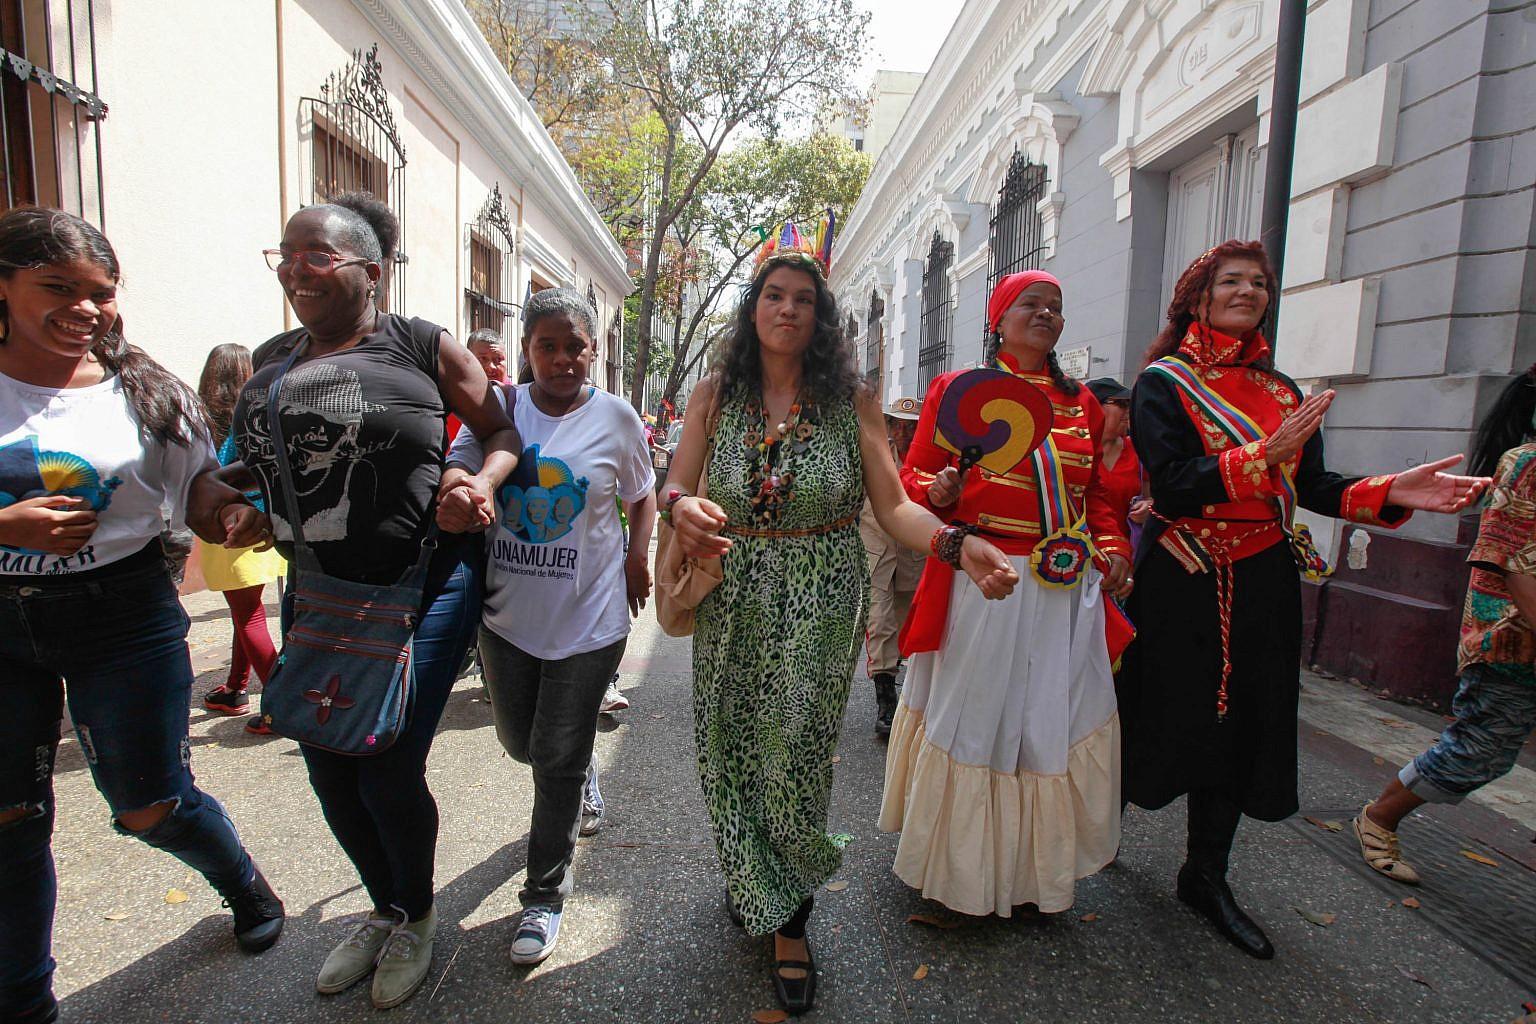 marcha_dia_int_de_la_mujer_rb61551583700548-1536x1024